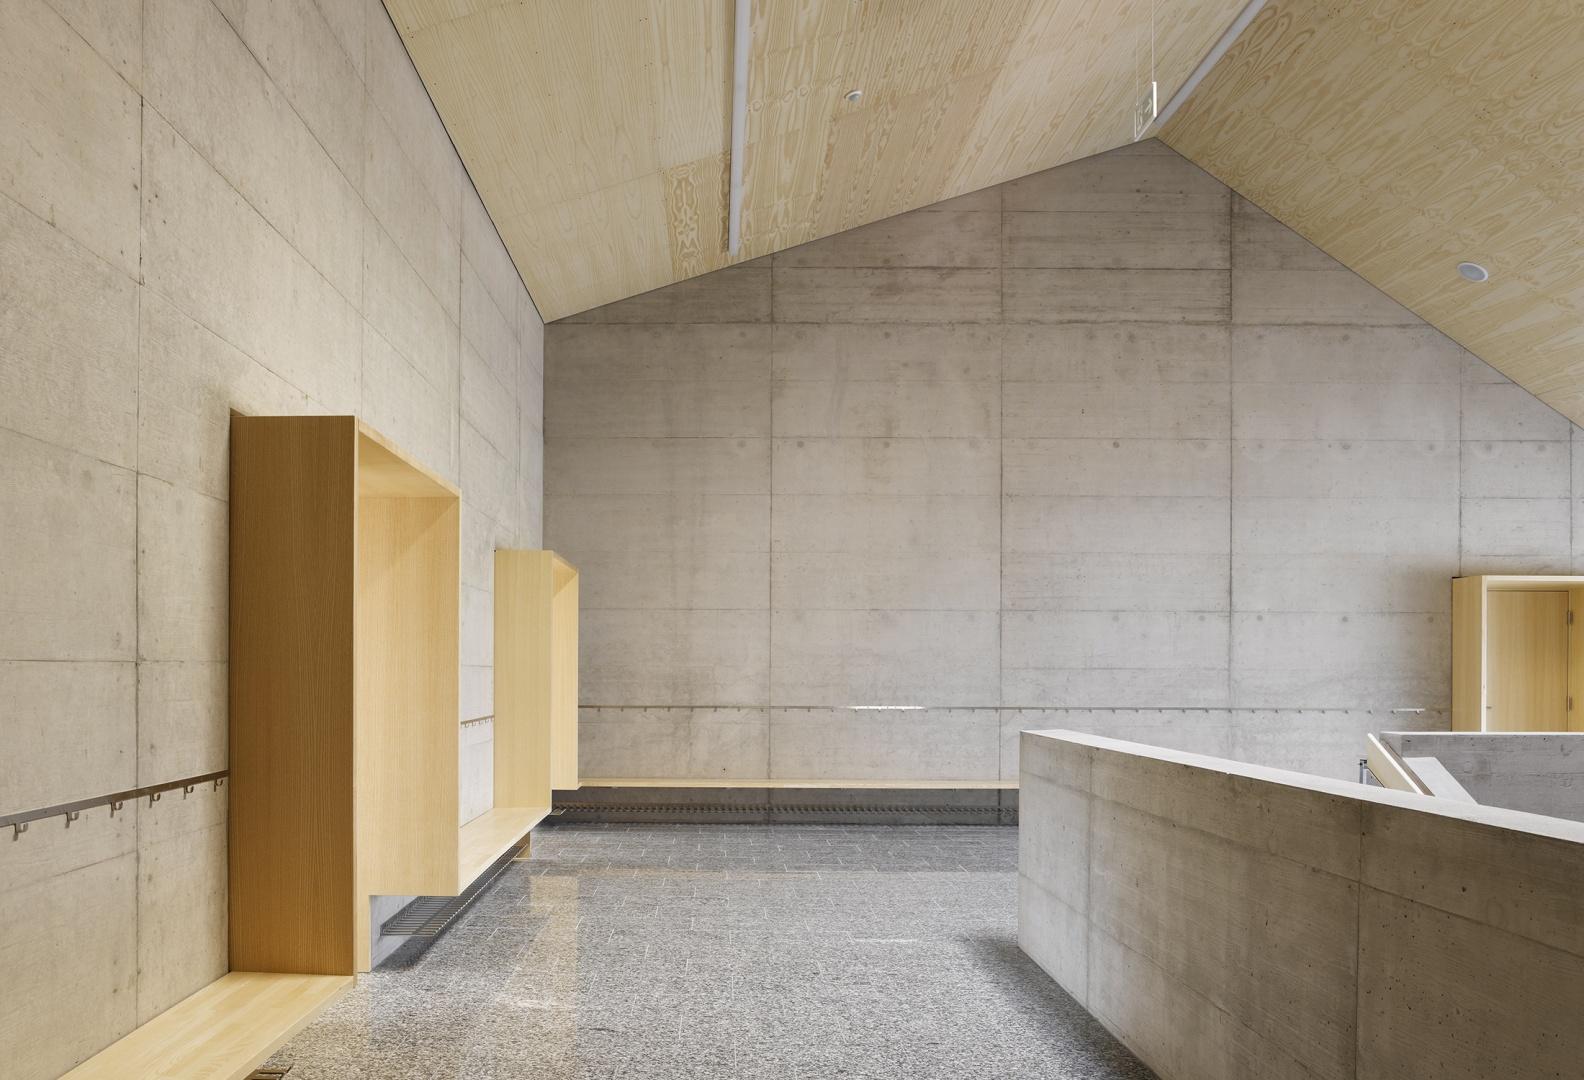 Etage supérieur_classes © foto: Dominique Uldry, Bern